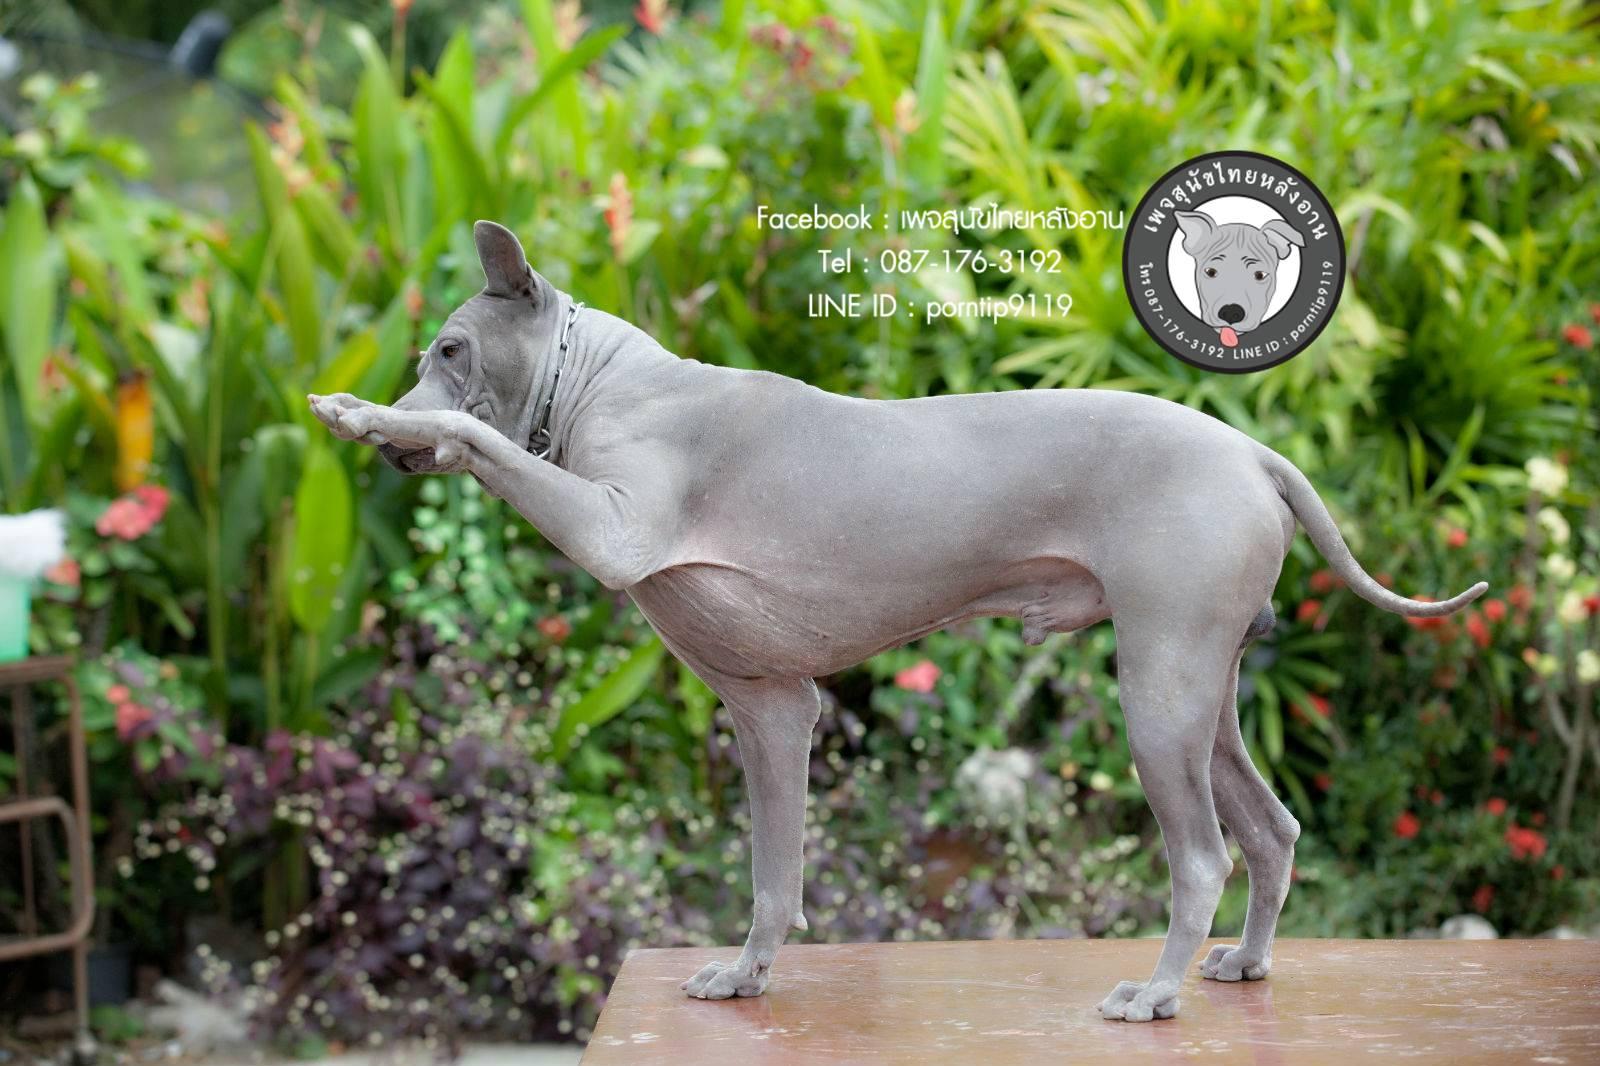 สุนัขไทยหลังอาน ขายสุนัขไทยหลังอาน   ลูกสุนัขไทยหลังอาน พ่อพันธุ์แม่พันธุ์Print-0357_webcamera360_20141224233157